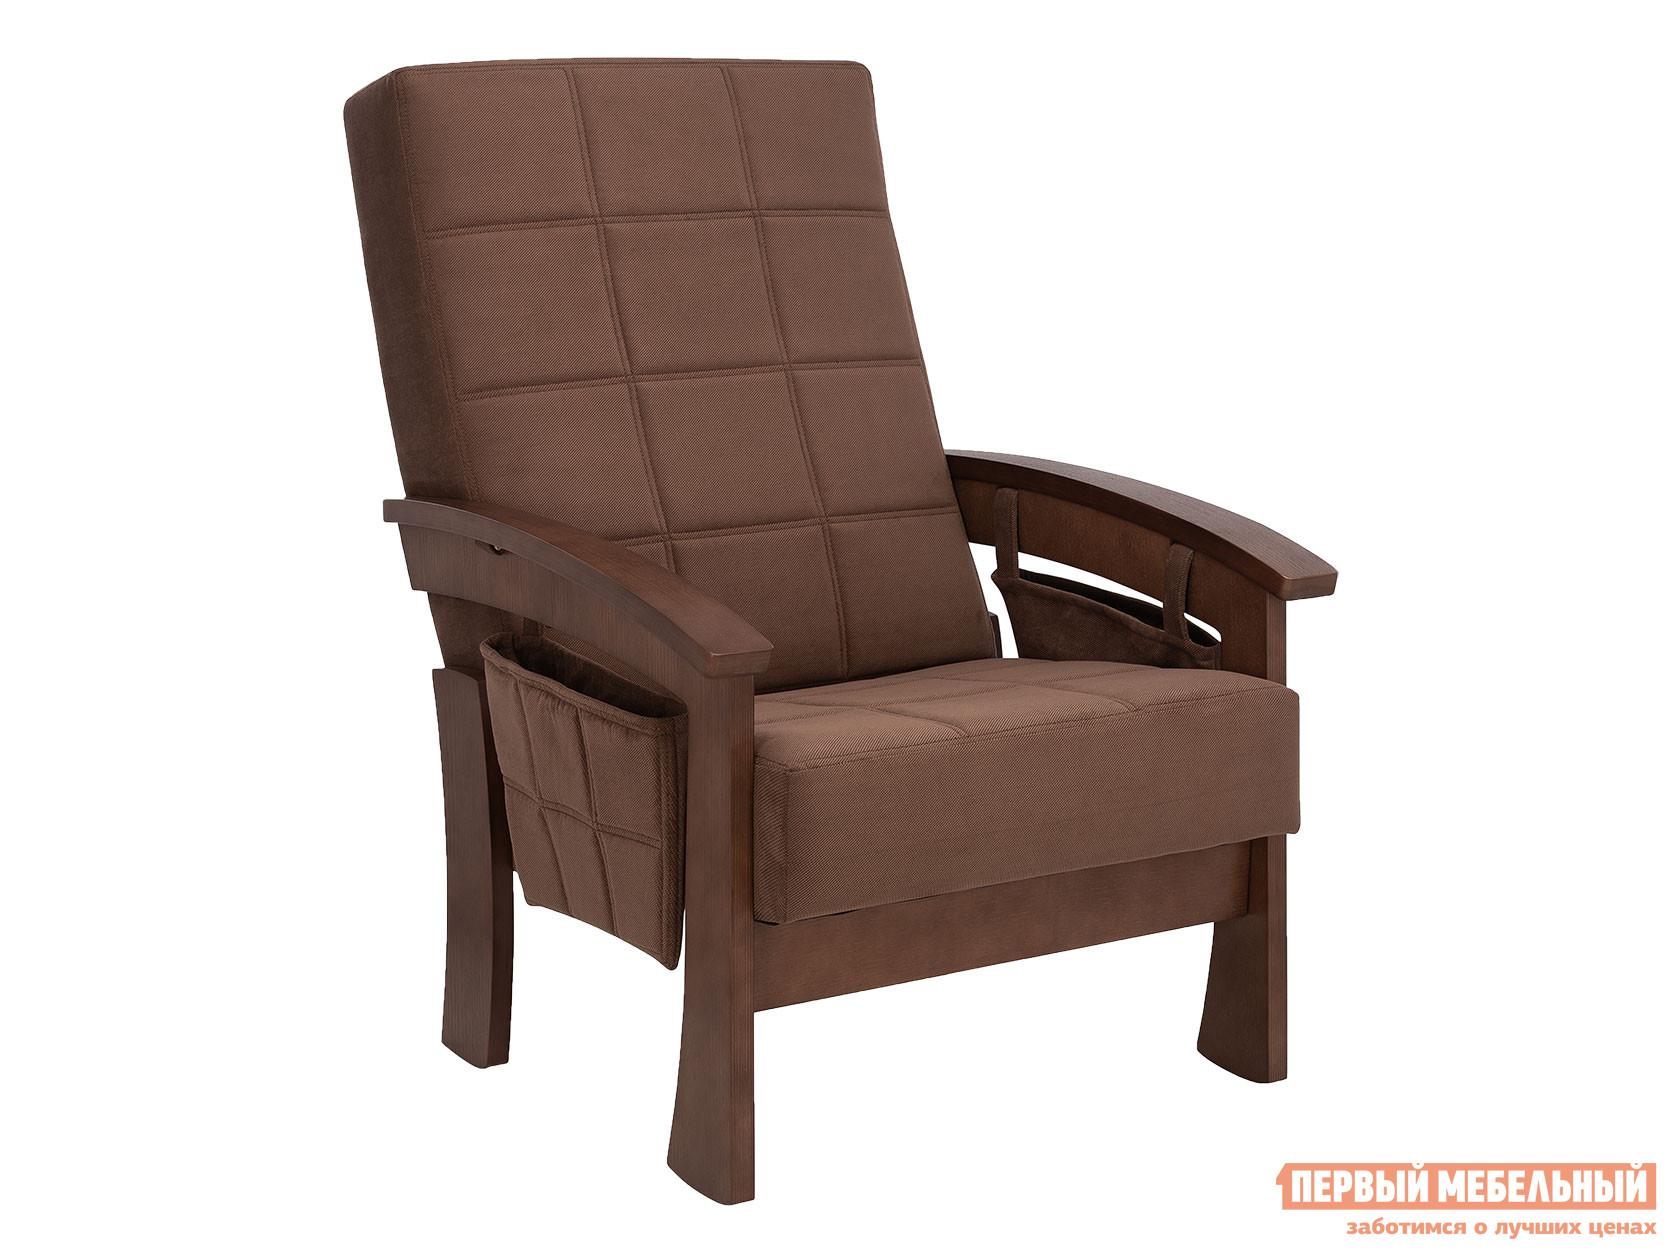 Кресло Мебель Импэкс Кресло для отдыха Нордик